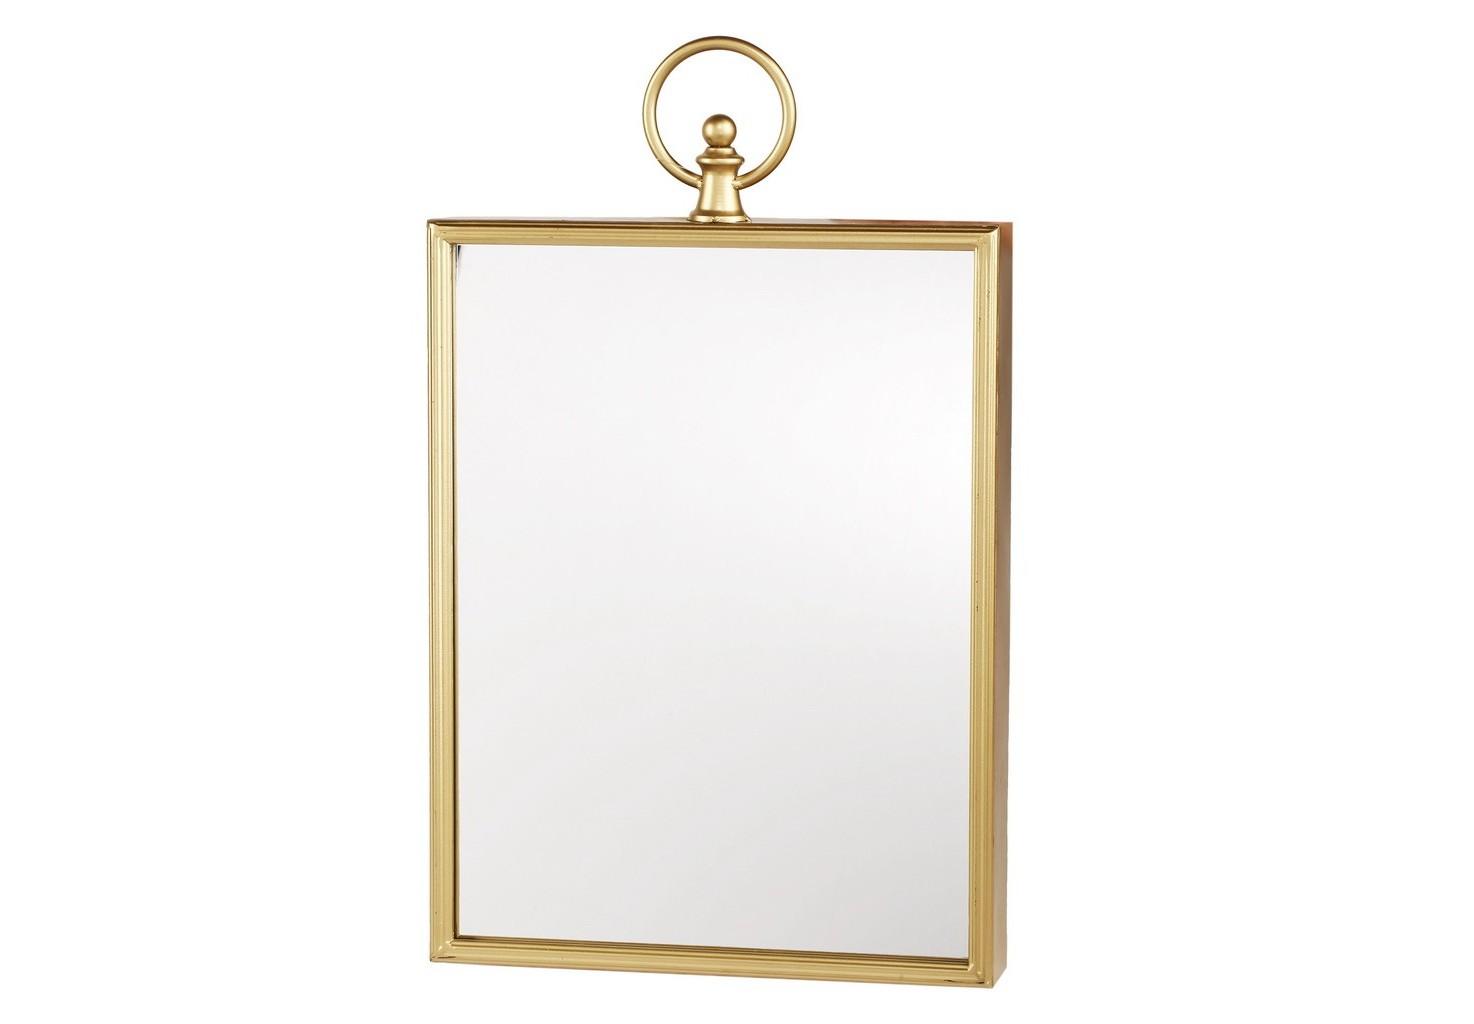 ЗеркалоНастенные зеркала<br><br><br>Material: Металл<br>Width см: 33<br>Depth см: 6,5<br>Height см: 53